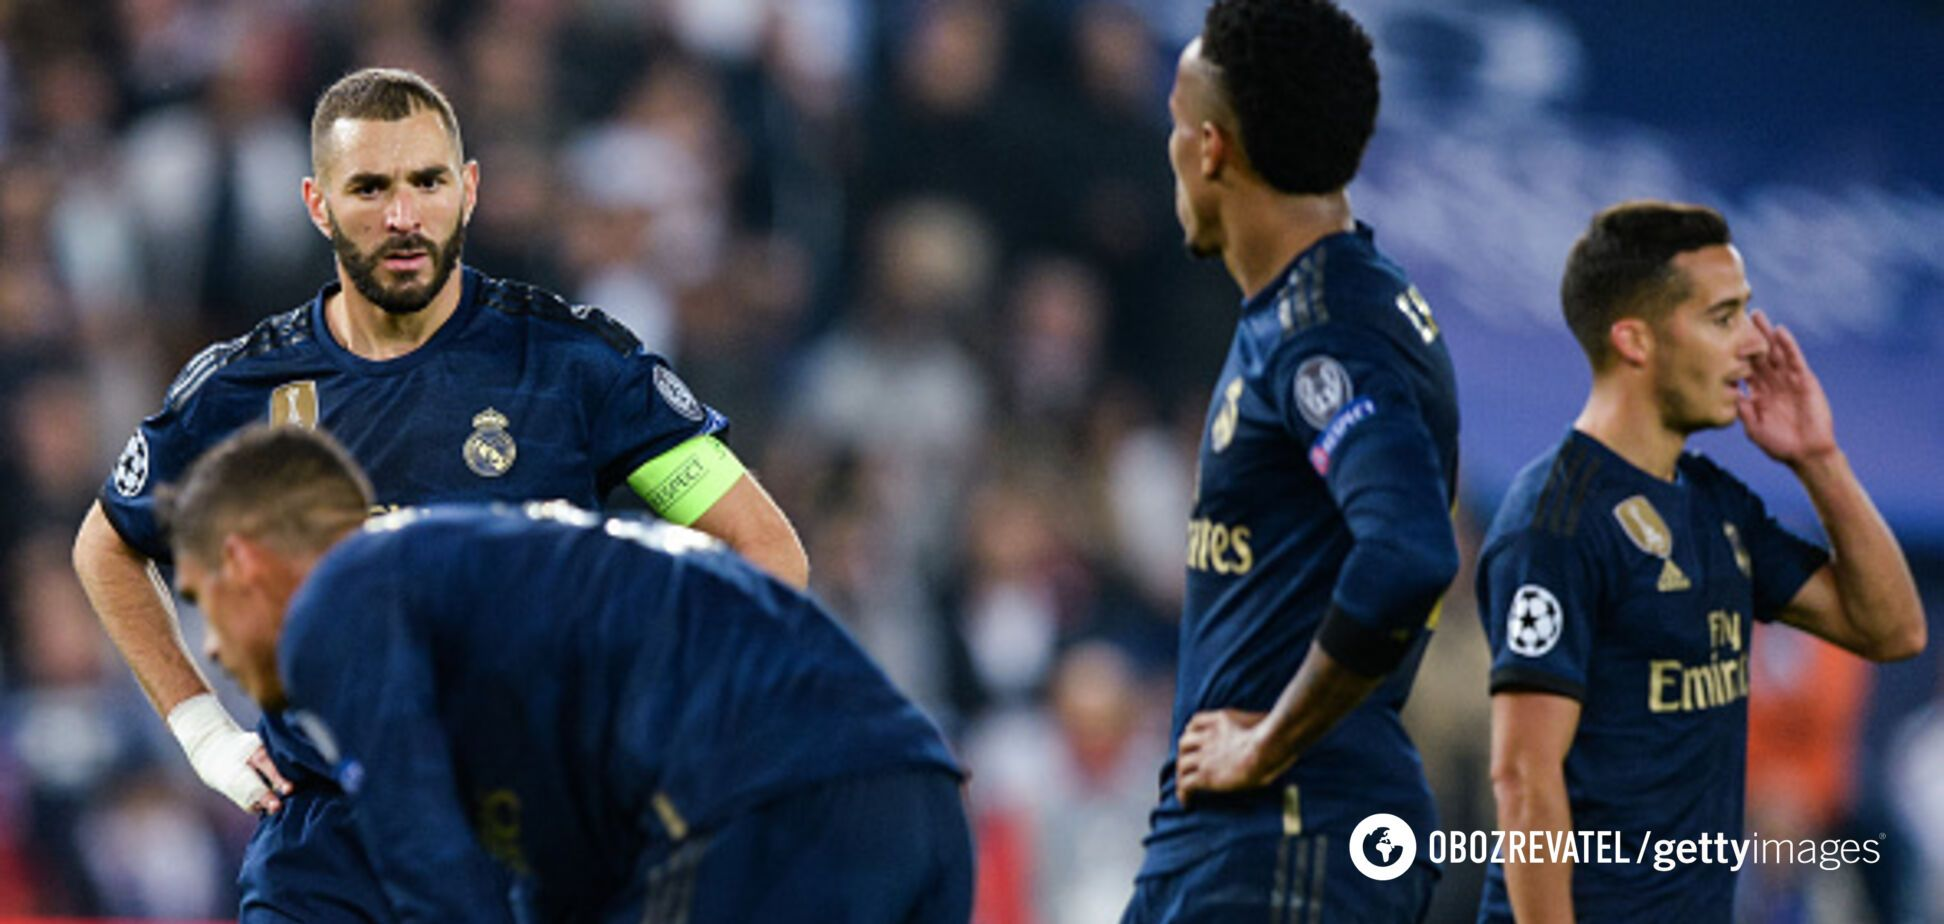 'Заживо сожрали': 'Реал' опозорился в Лиге чемпионов, установив антирекорд